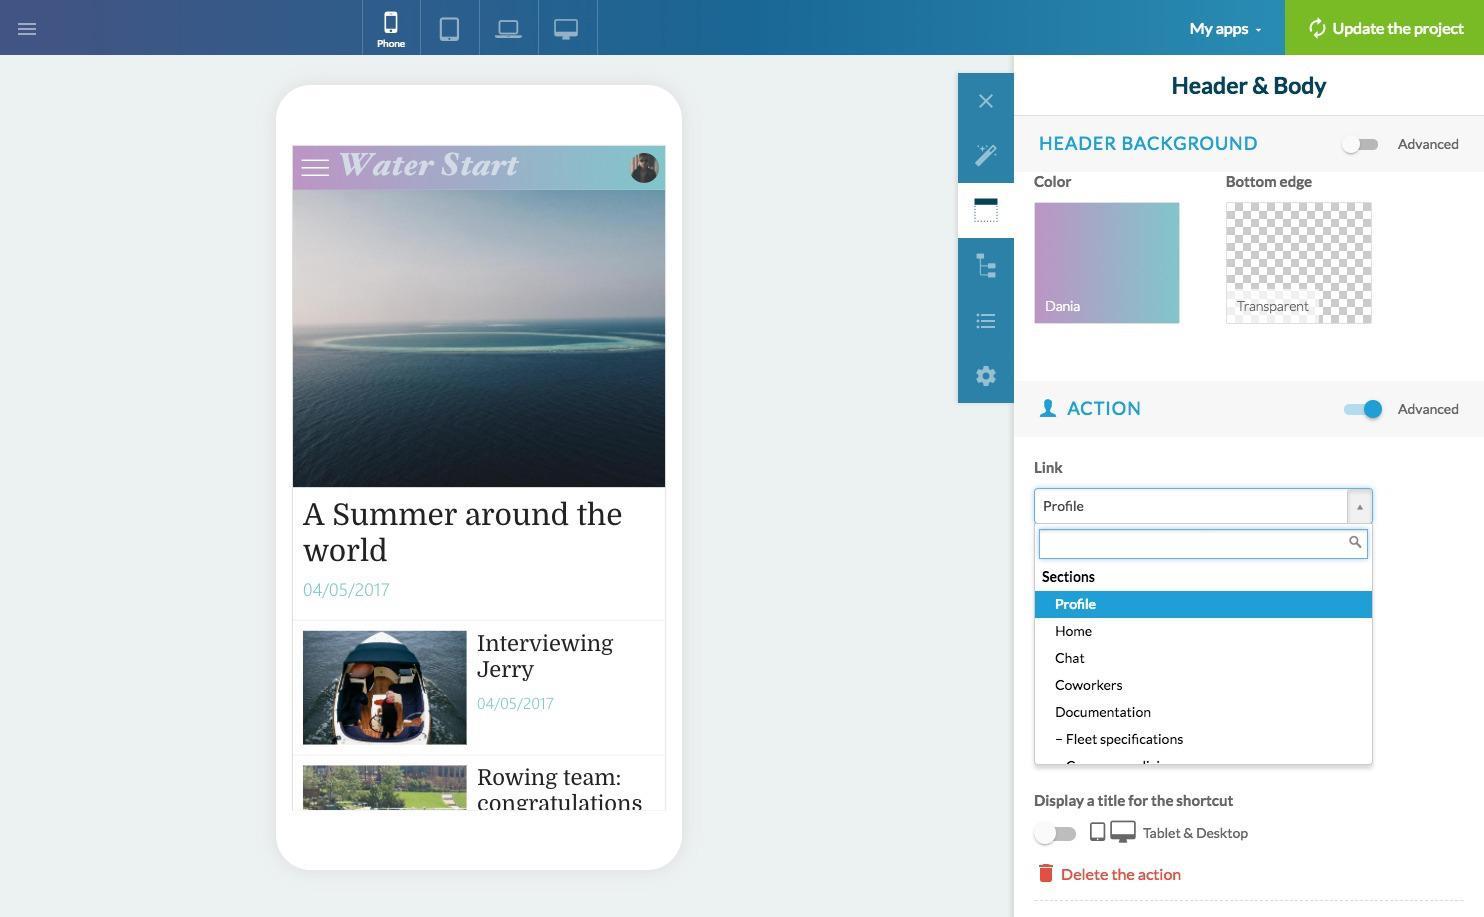 User Profile and NavBar